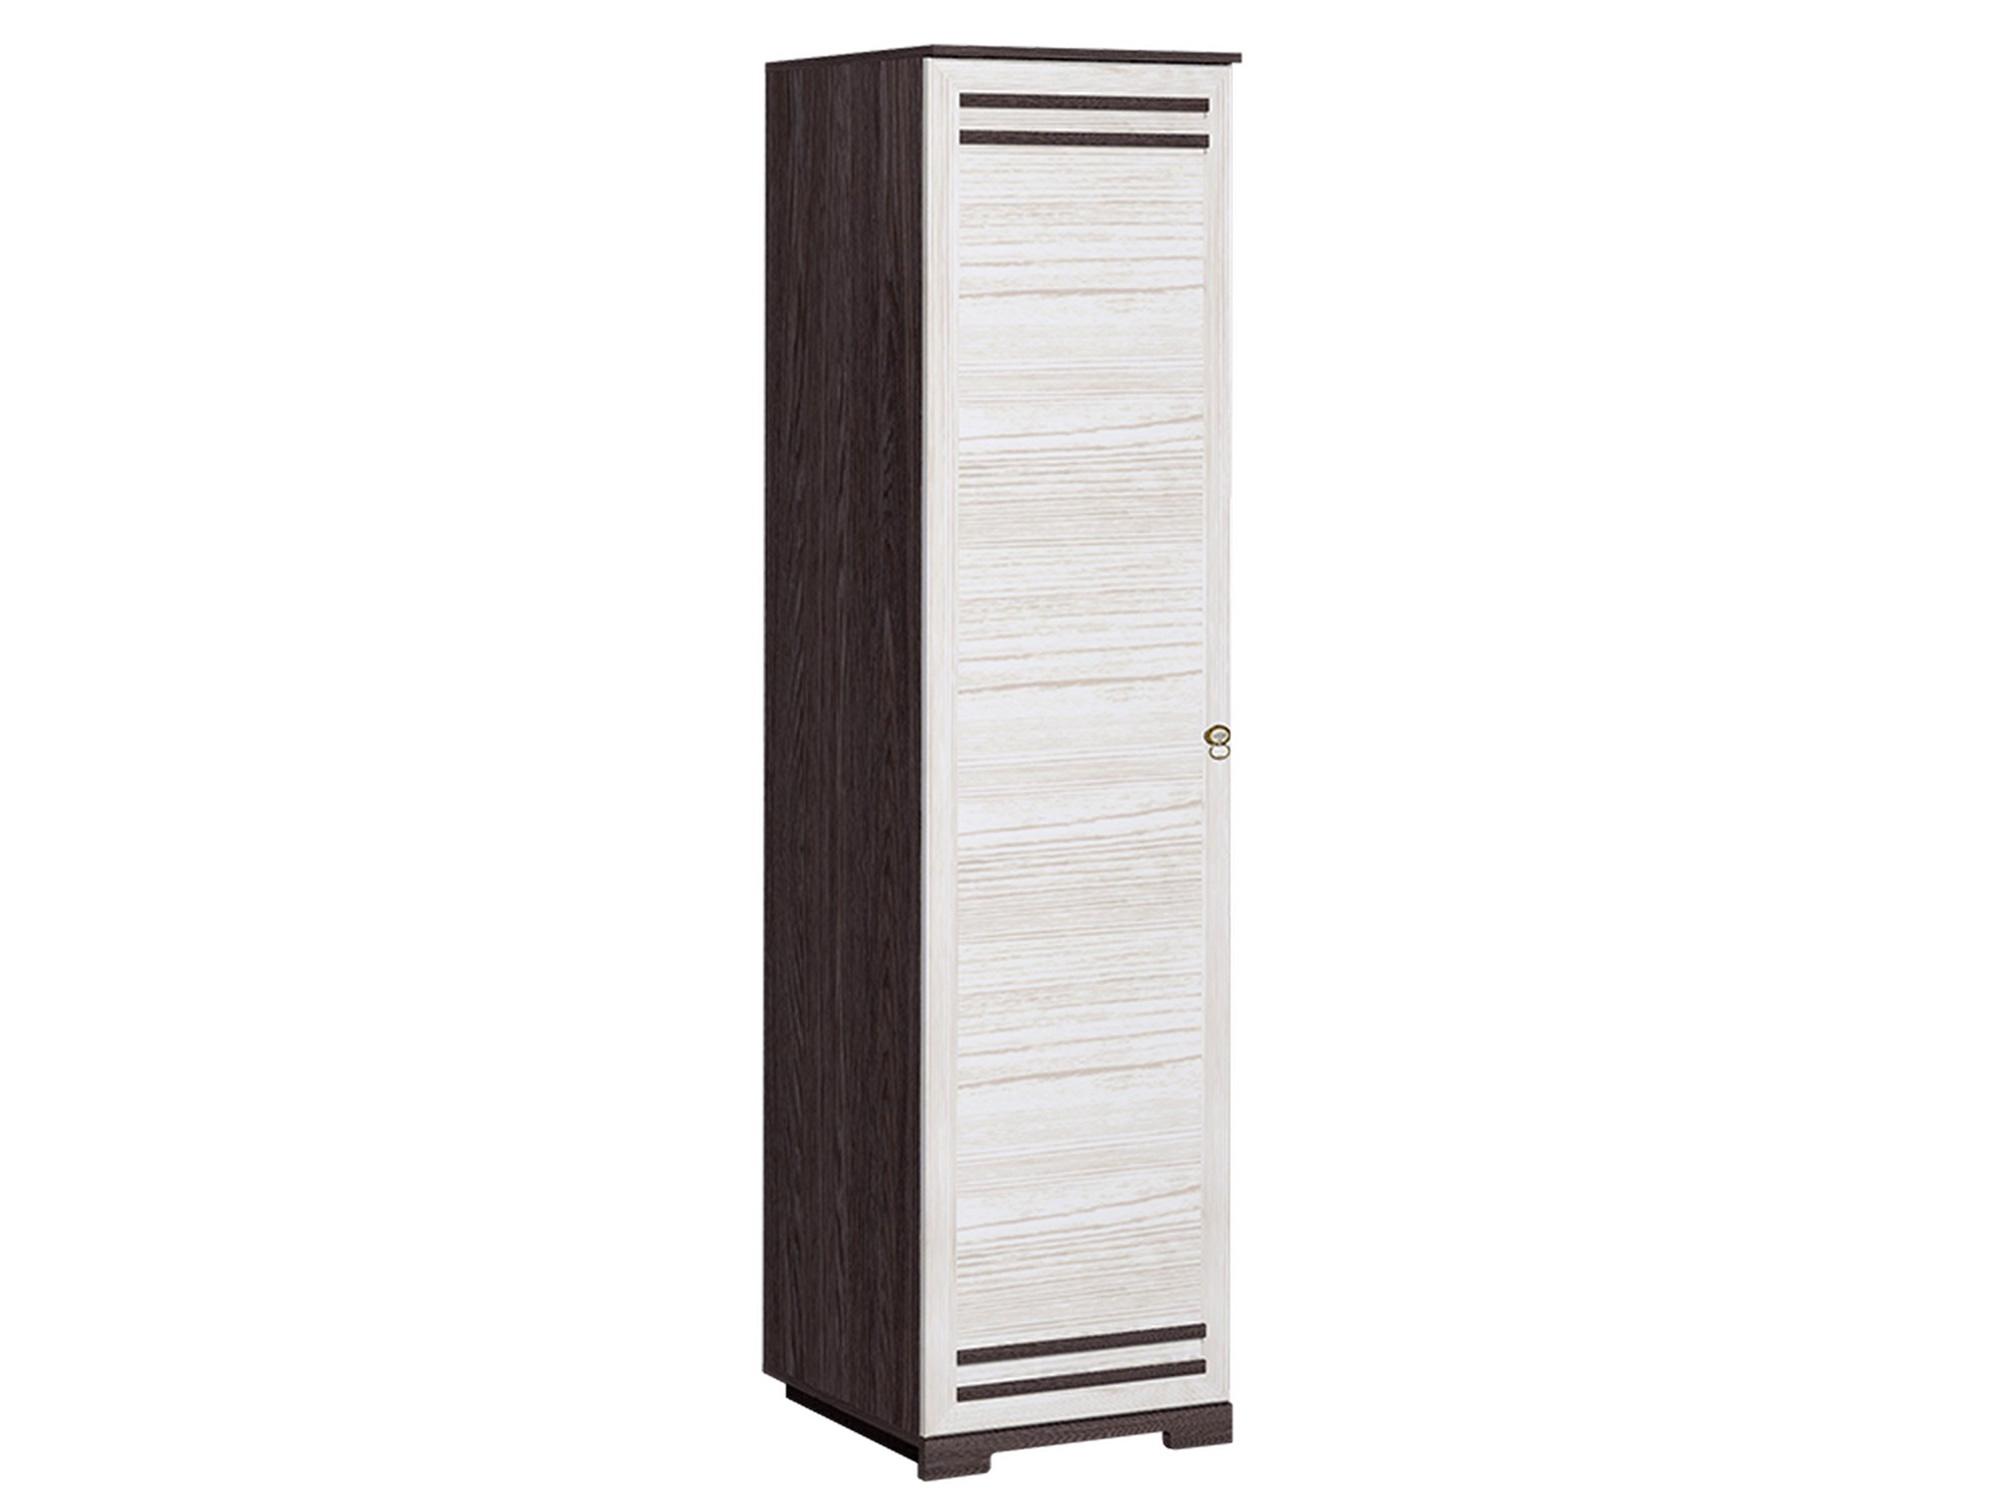 Шкаф для одежды и белья Бриз Бодега светлый, Ясень анкор темный, Бодега светлый, Ясень анкор темный